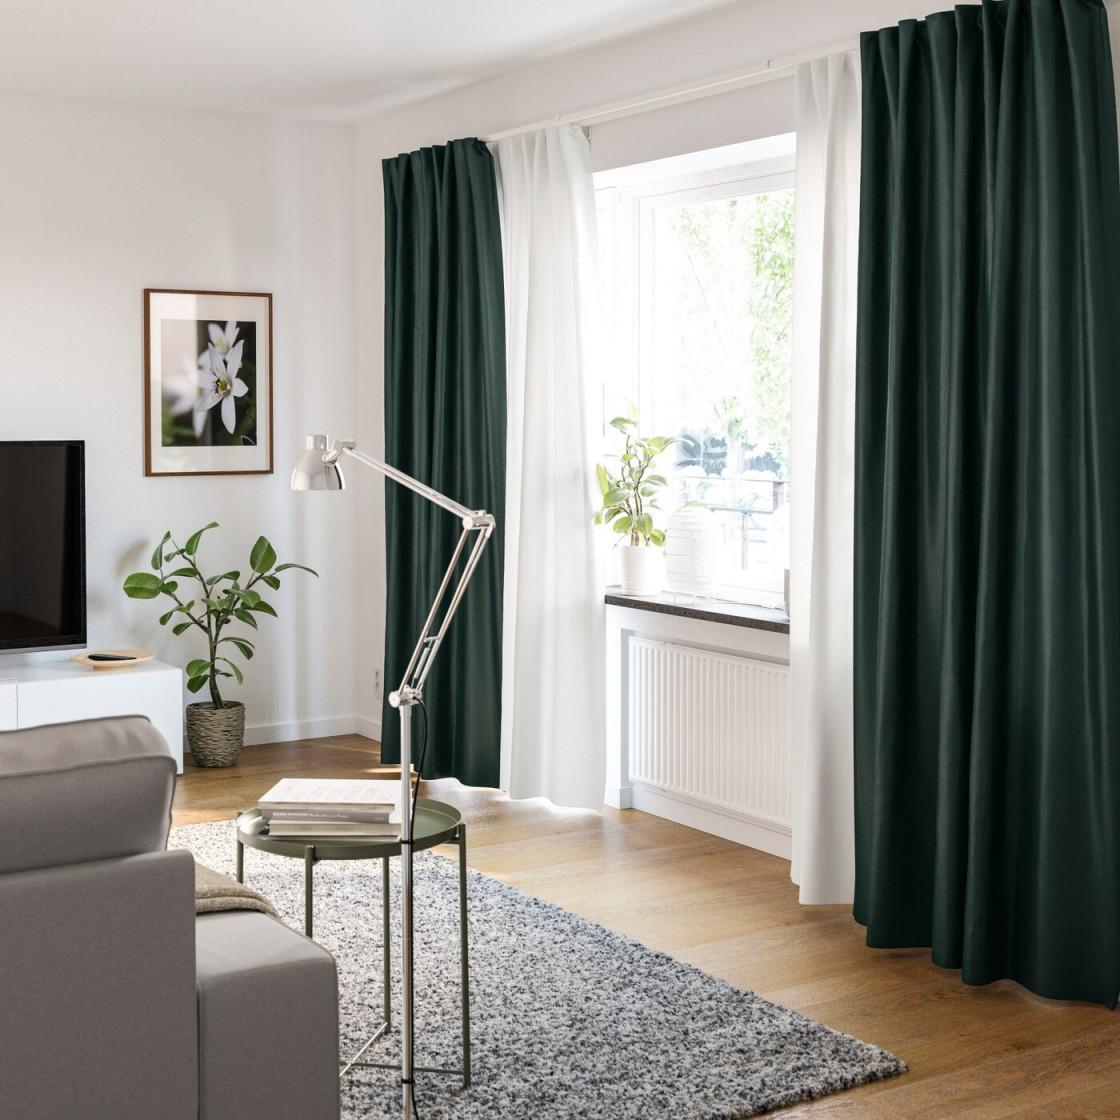 Gardinenideen Inspirationen Für Dein Zuhause  Ikea von Vorhänge Ideen Wohnzimmer Photo